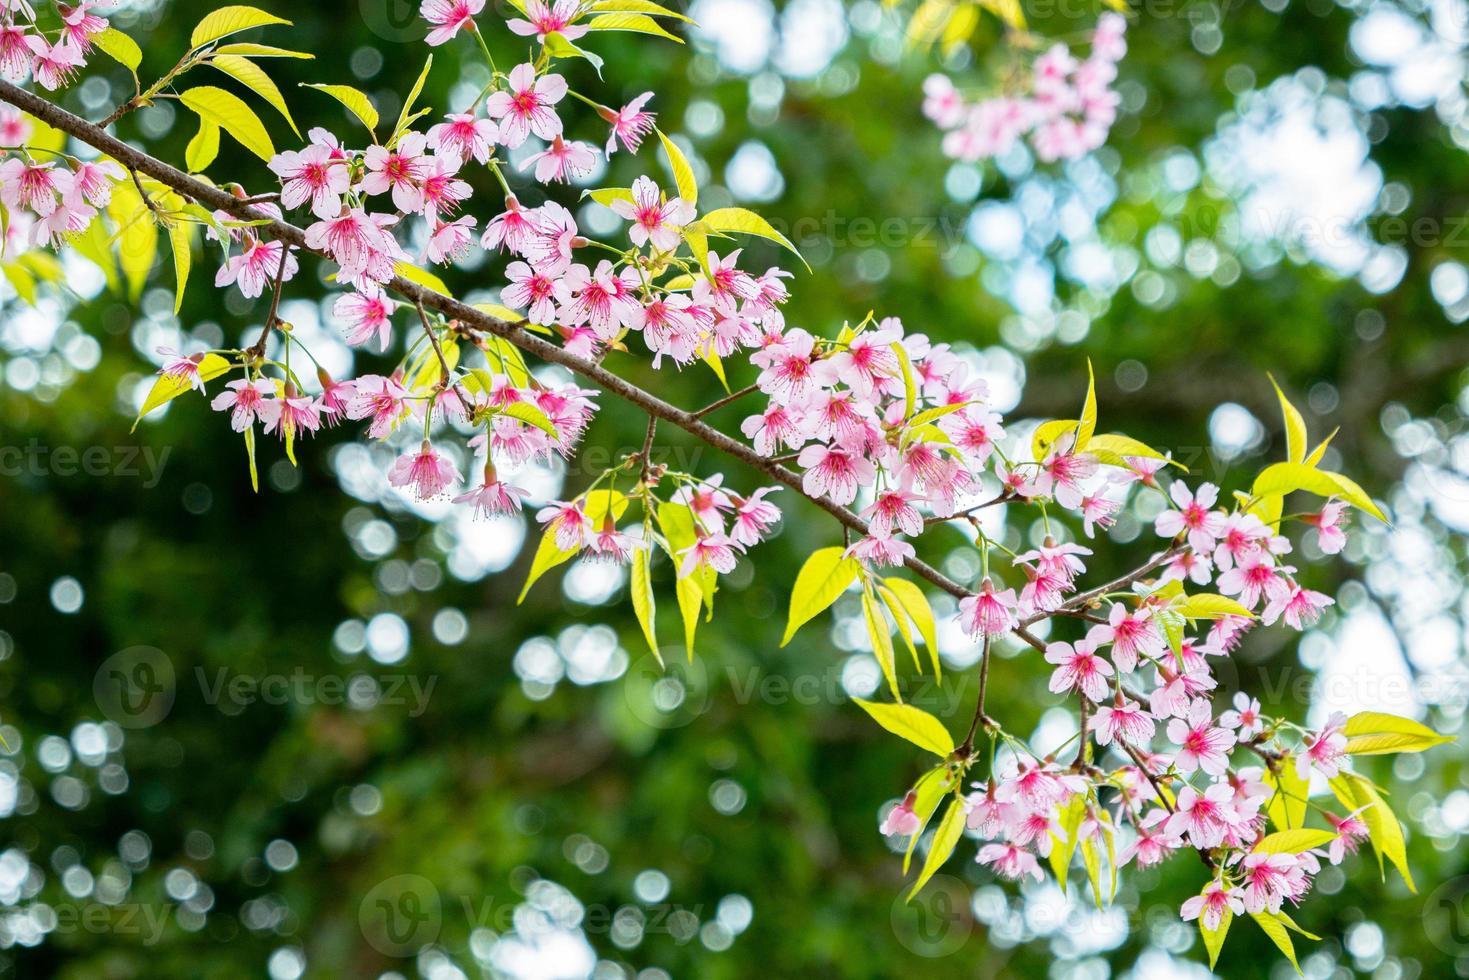 Kirschblüten gegen grüne Blätter foto